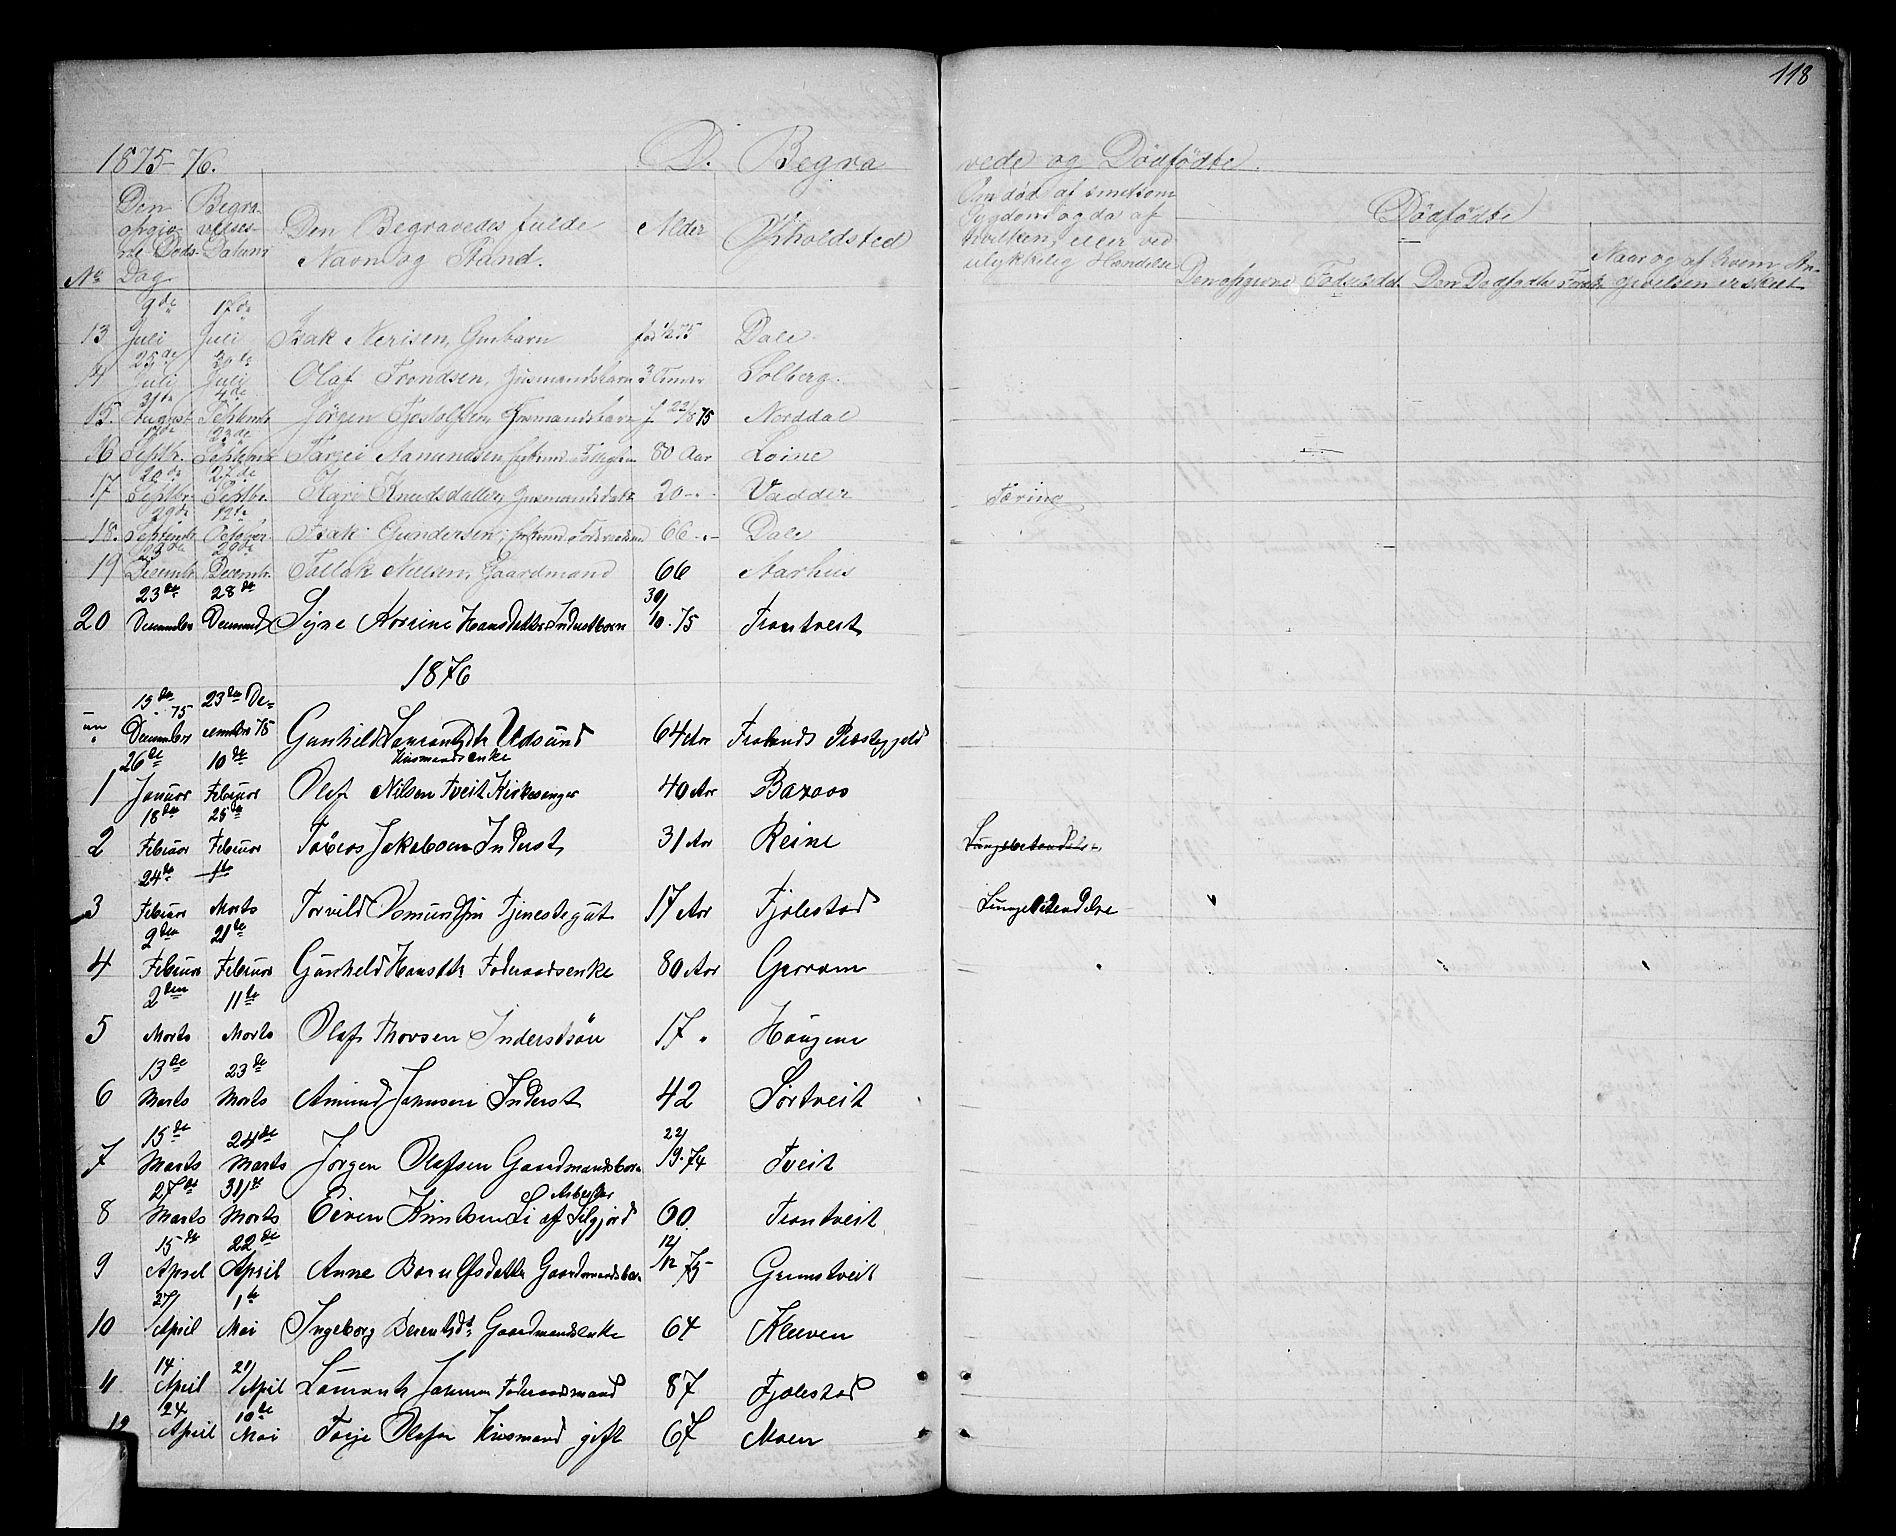 SAKO, Nissedal kirkebøker, G/Ga/L0002: Klokkerbok nr. I 2, 1861-1887, s. 118